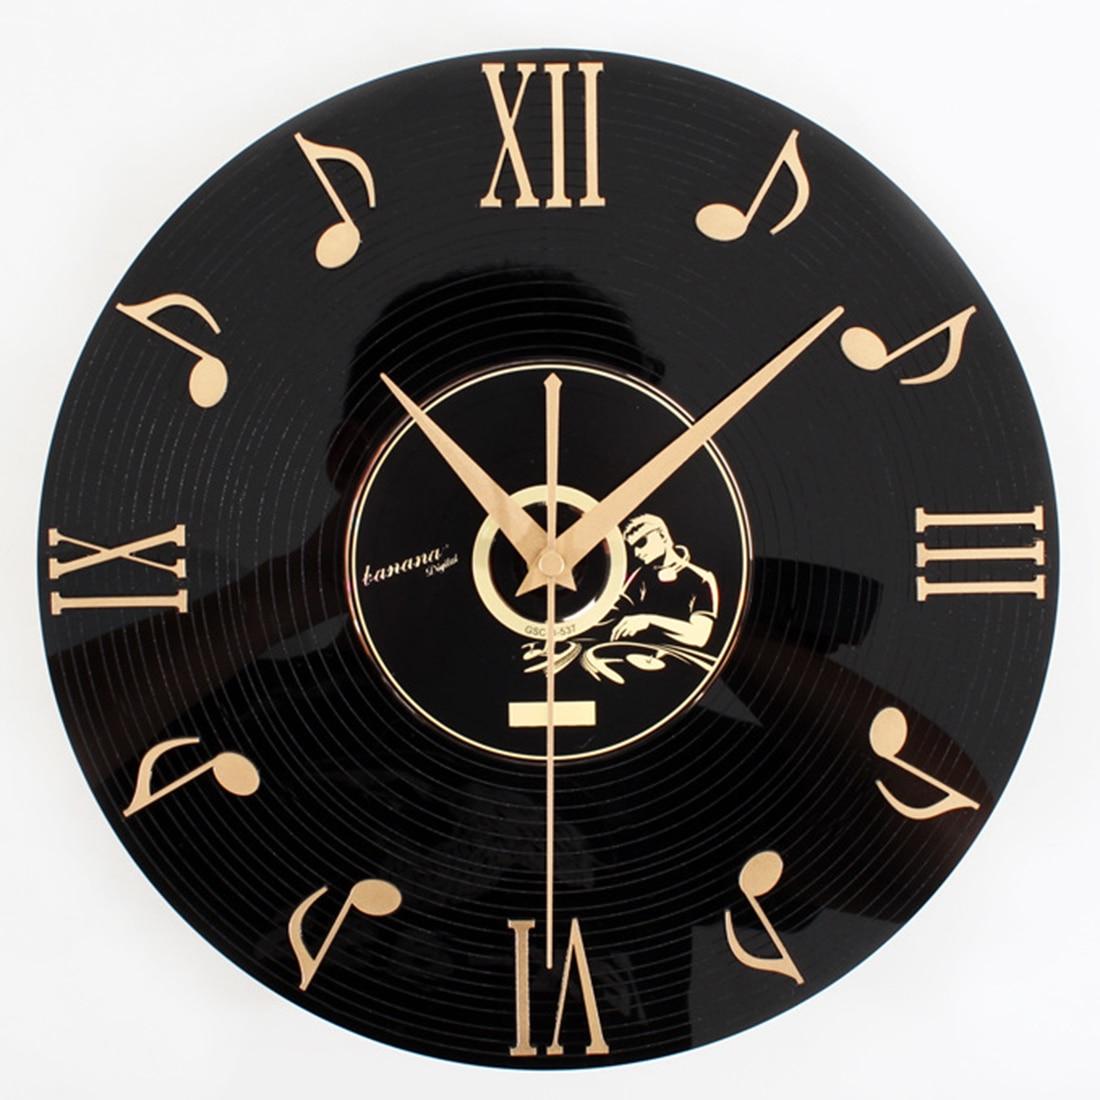 Retro Reloj de pared notas musicales vinilo álbum de CD colgante reloj negro sala de estar hogar dormitorio café Decoración